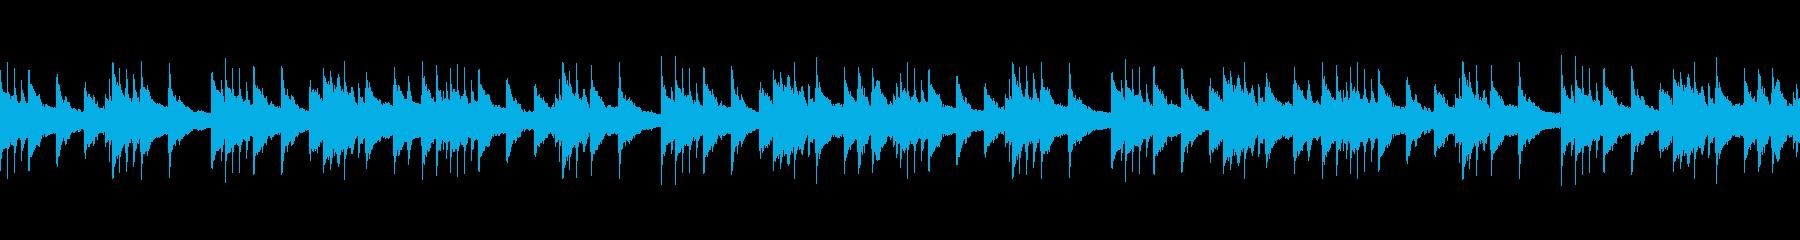 ピアノが主旋律の綺麗なBGM。簡単ループの再生済みの波形